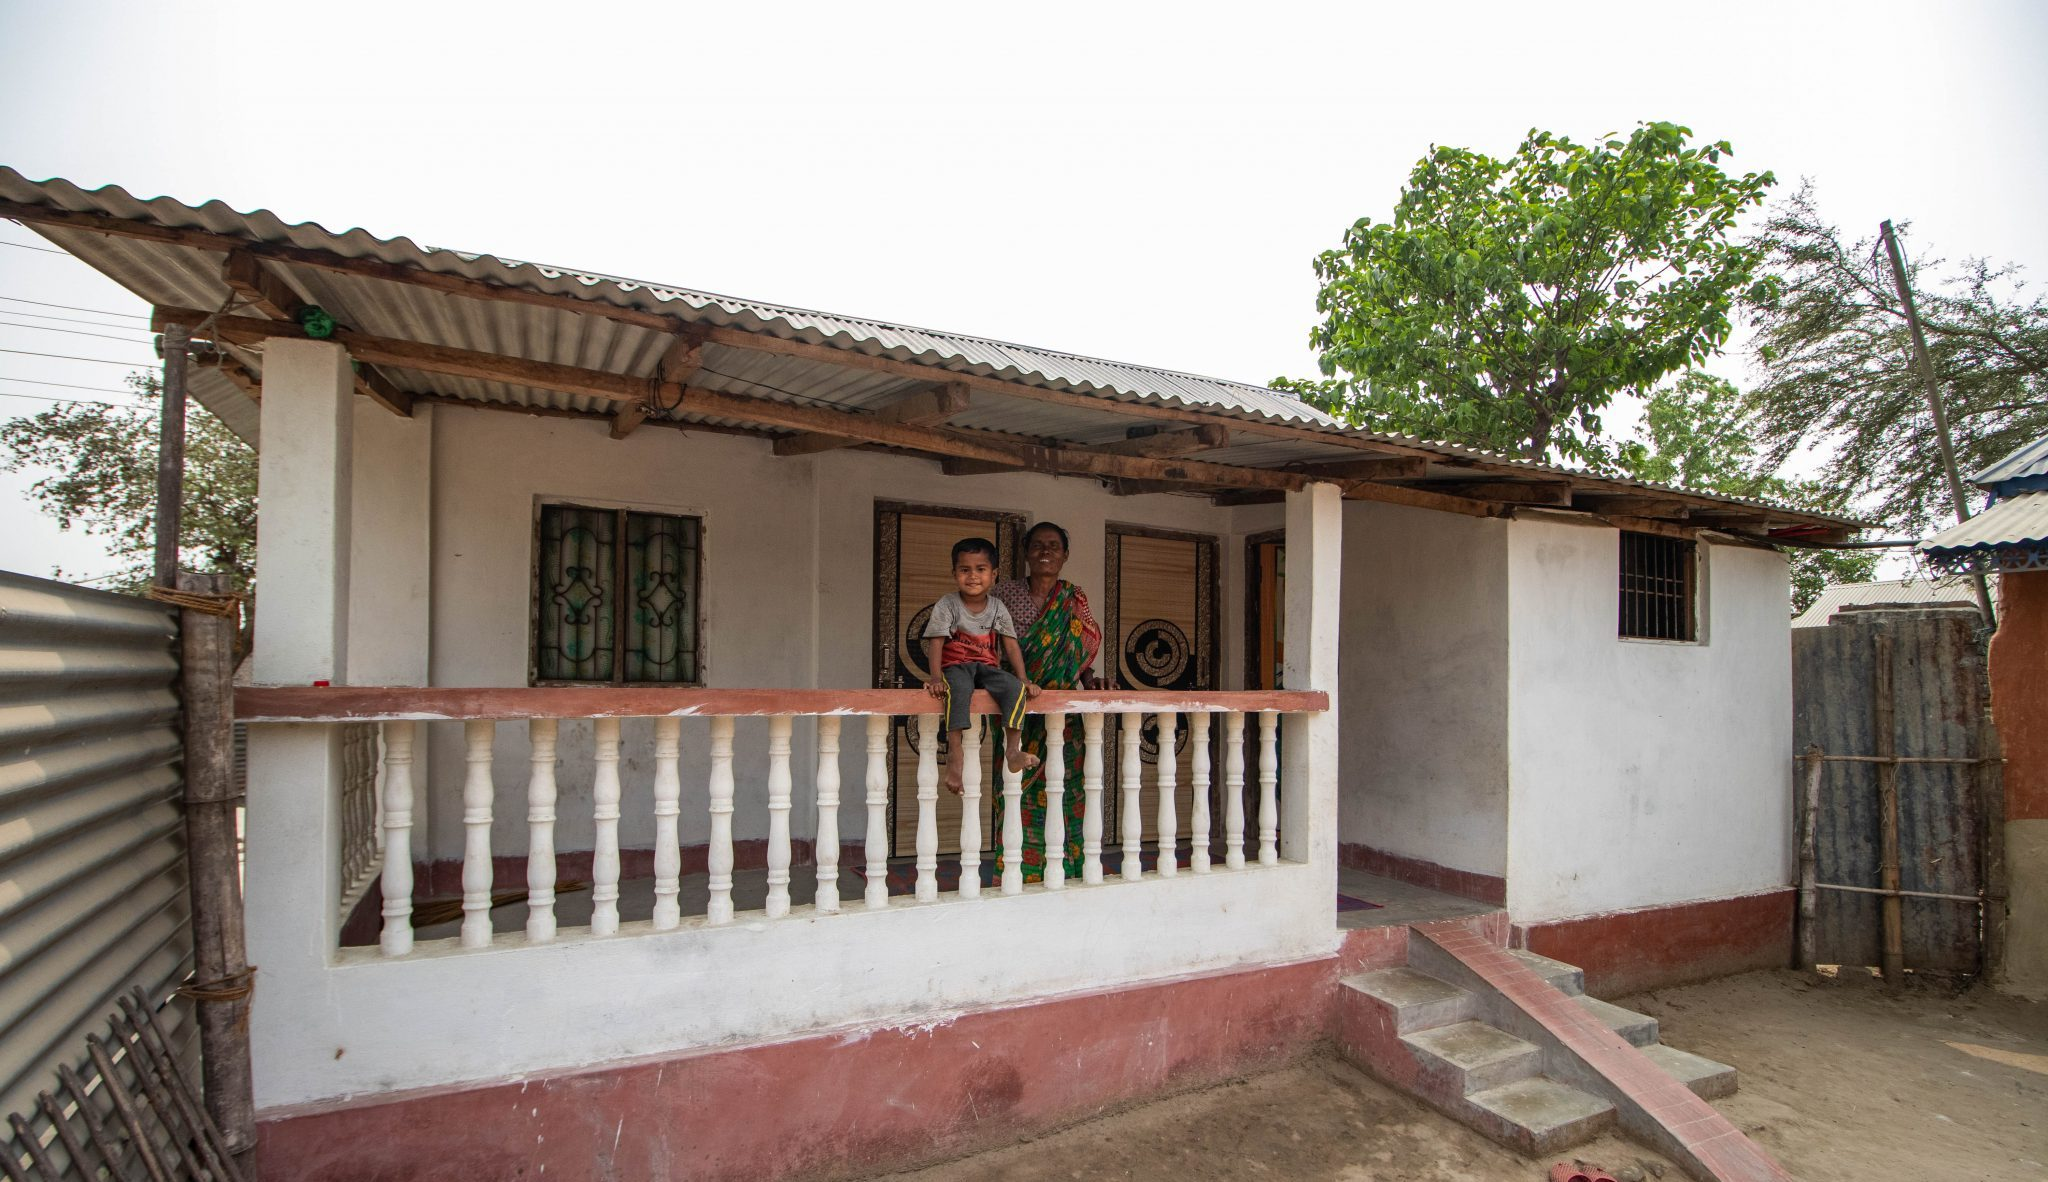 Housing microfinance for women in Nepal